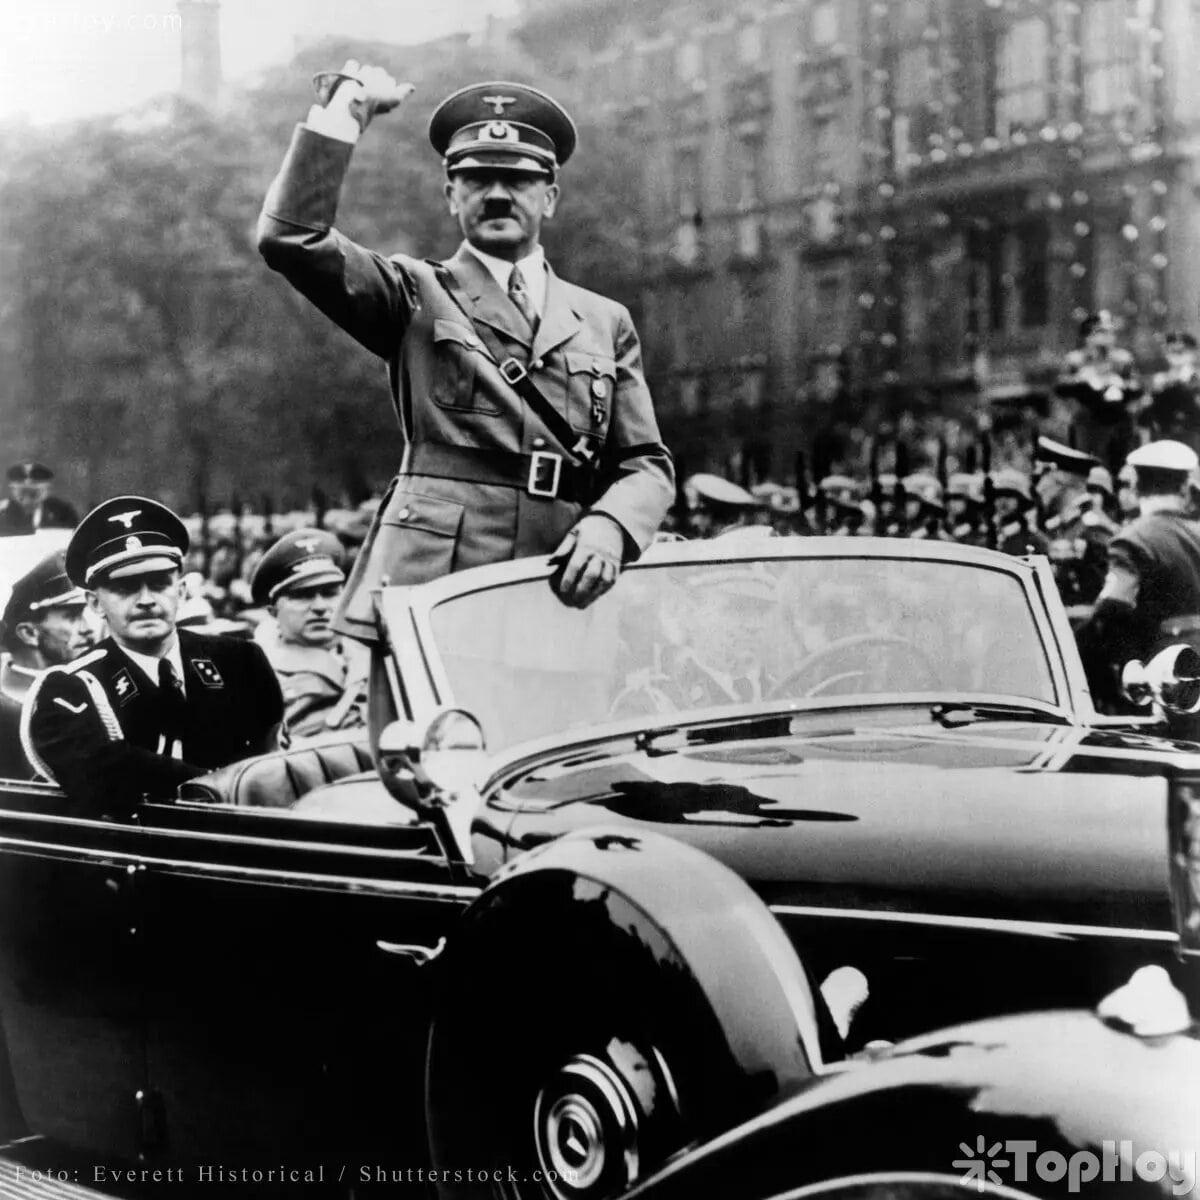 Fue canciller y presidente de Alemania entre 1933 y 1945.